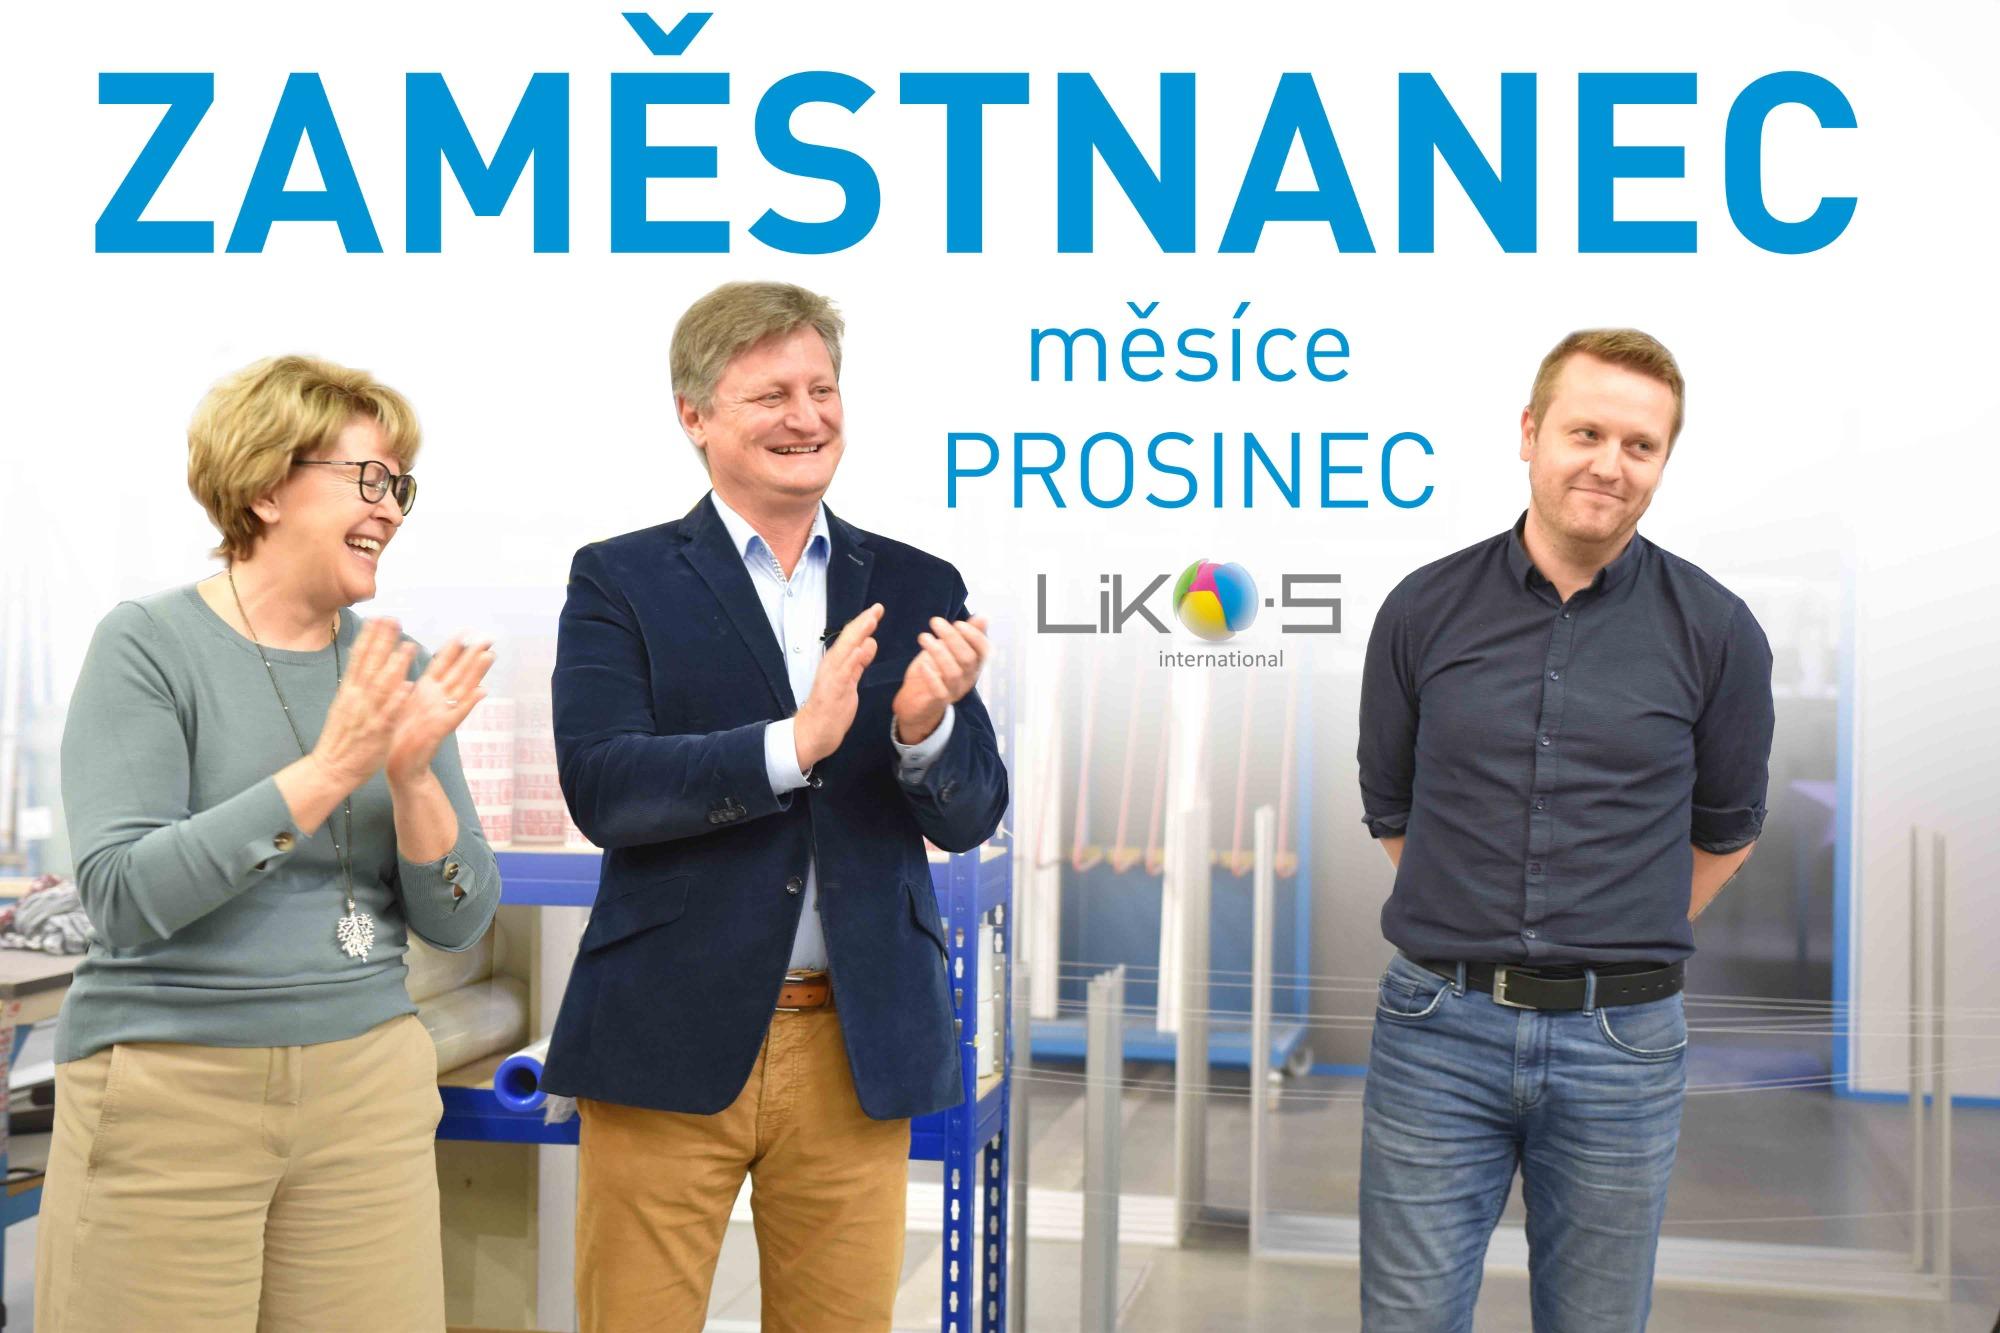 Vývoj zabodoval a titul zaměstnance měsíce si odnesl Ondřej Holásek!